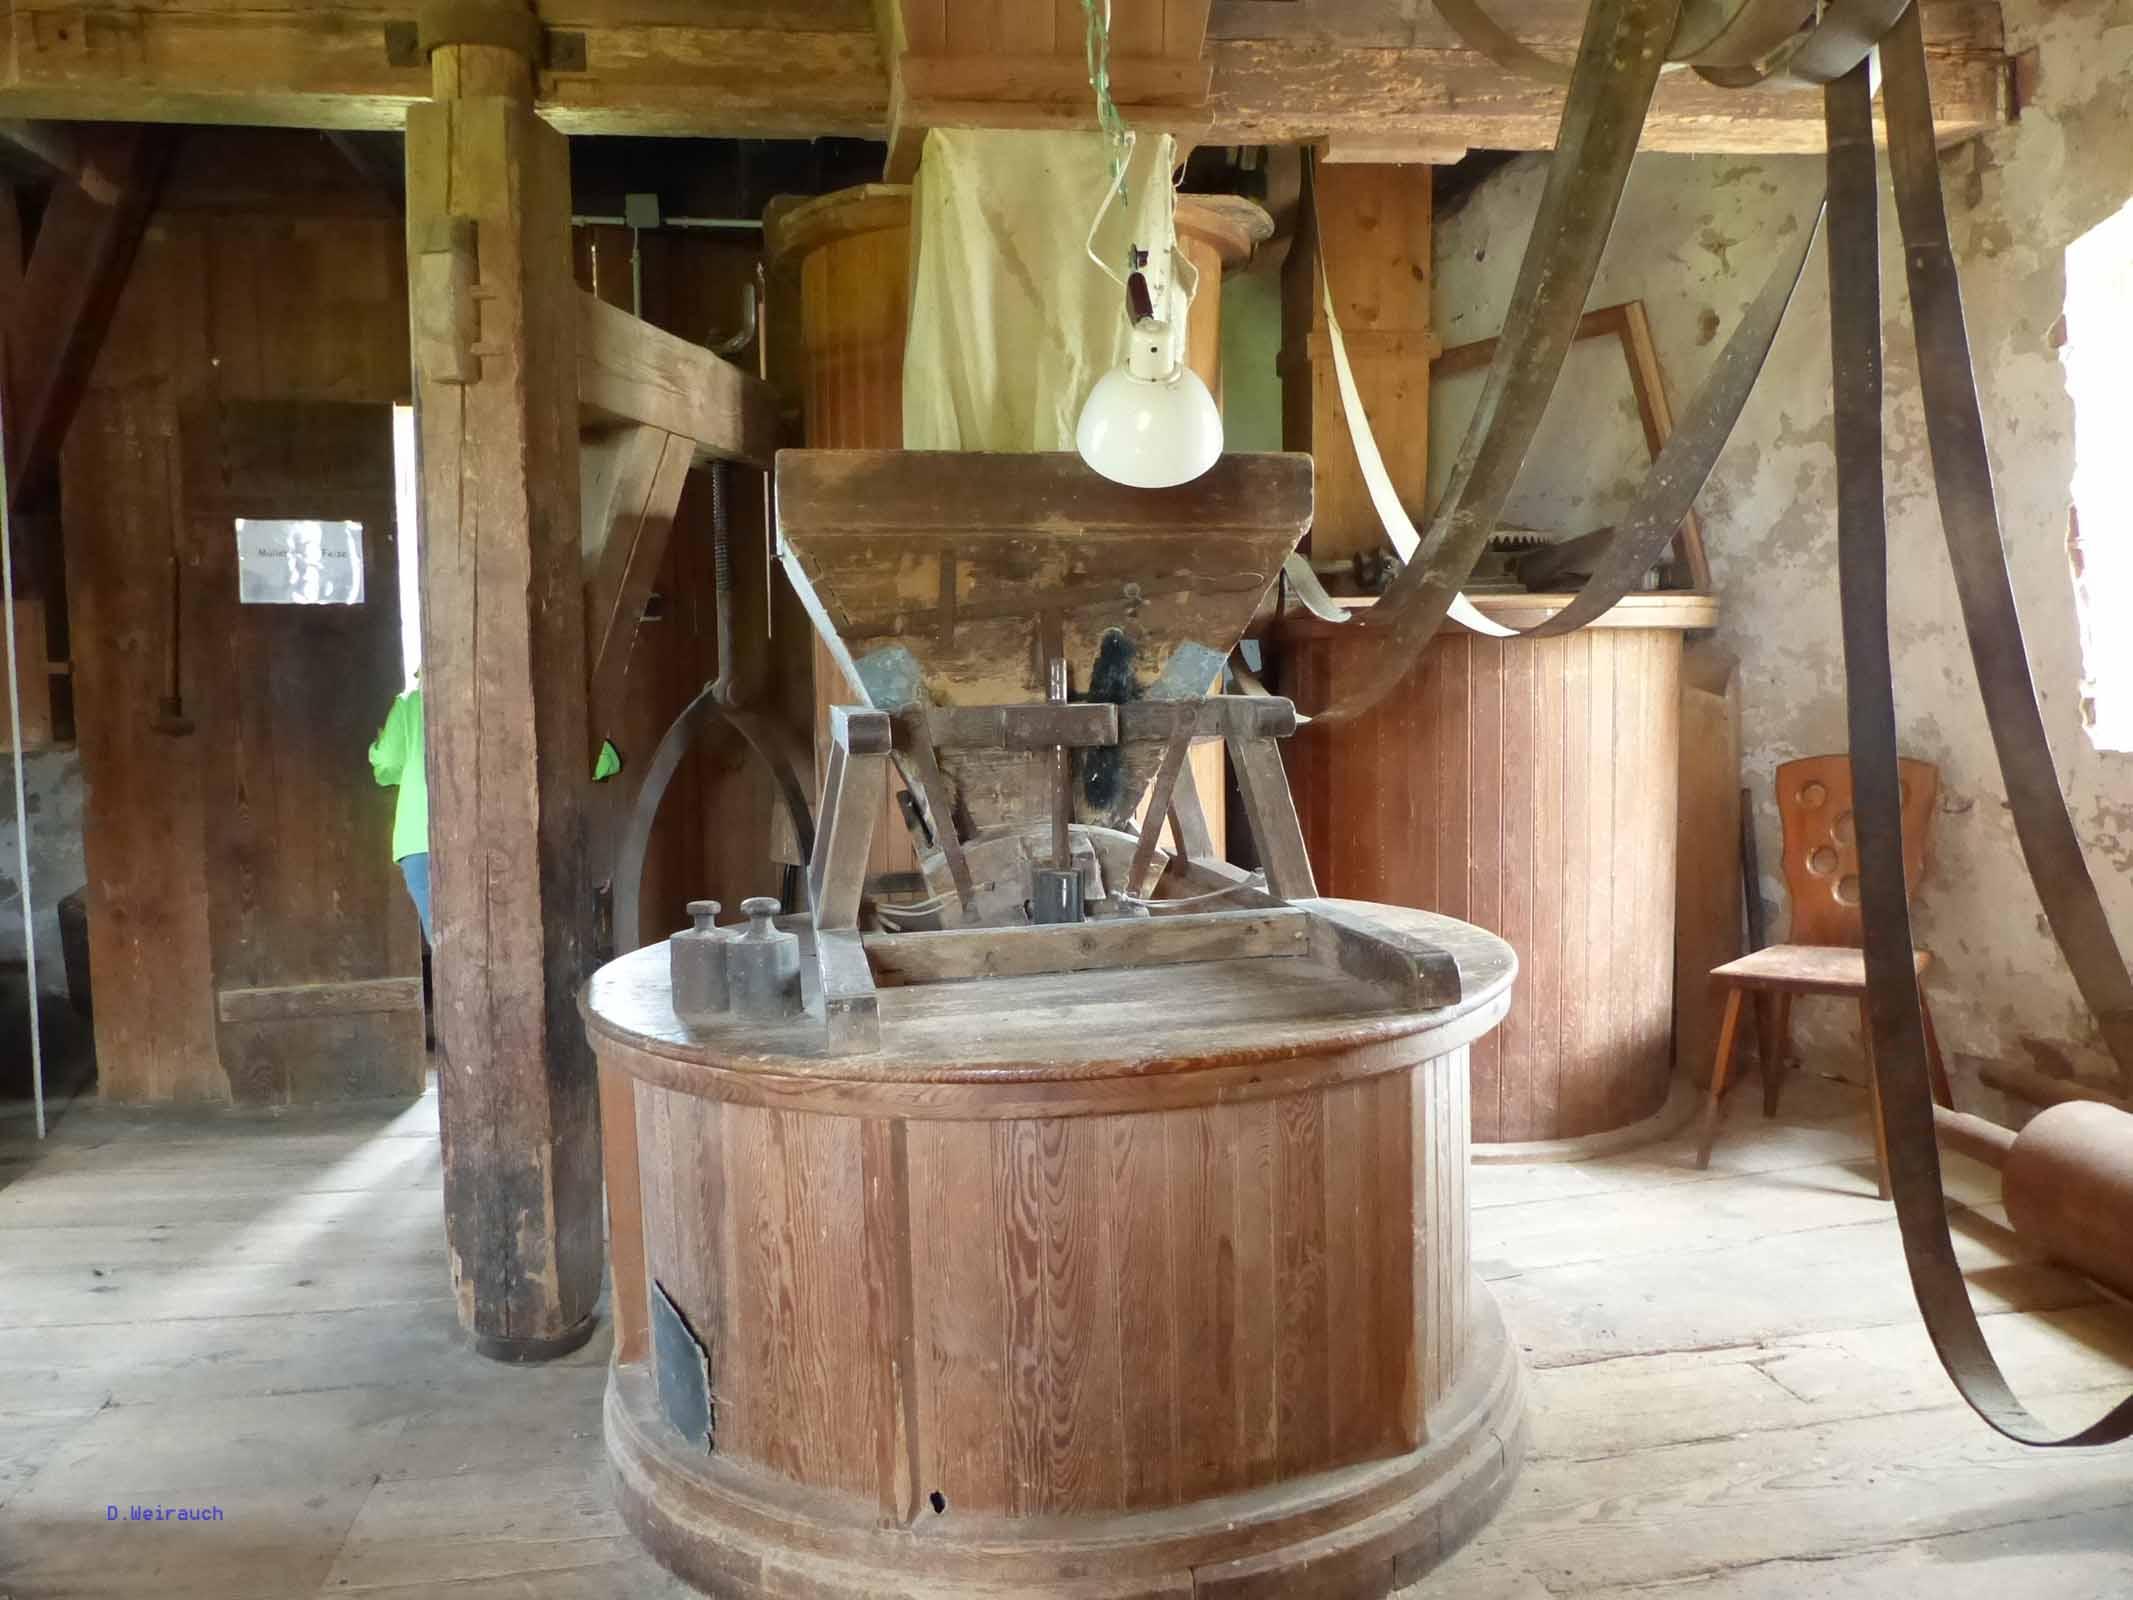 Mühlentagmühle-niemegk (47)